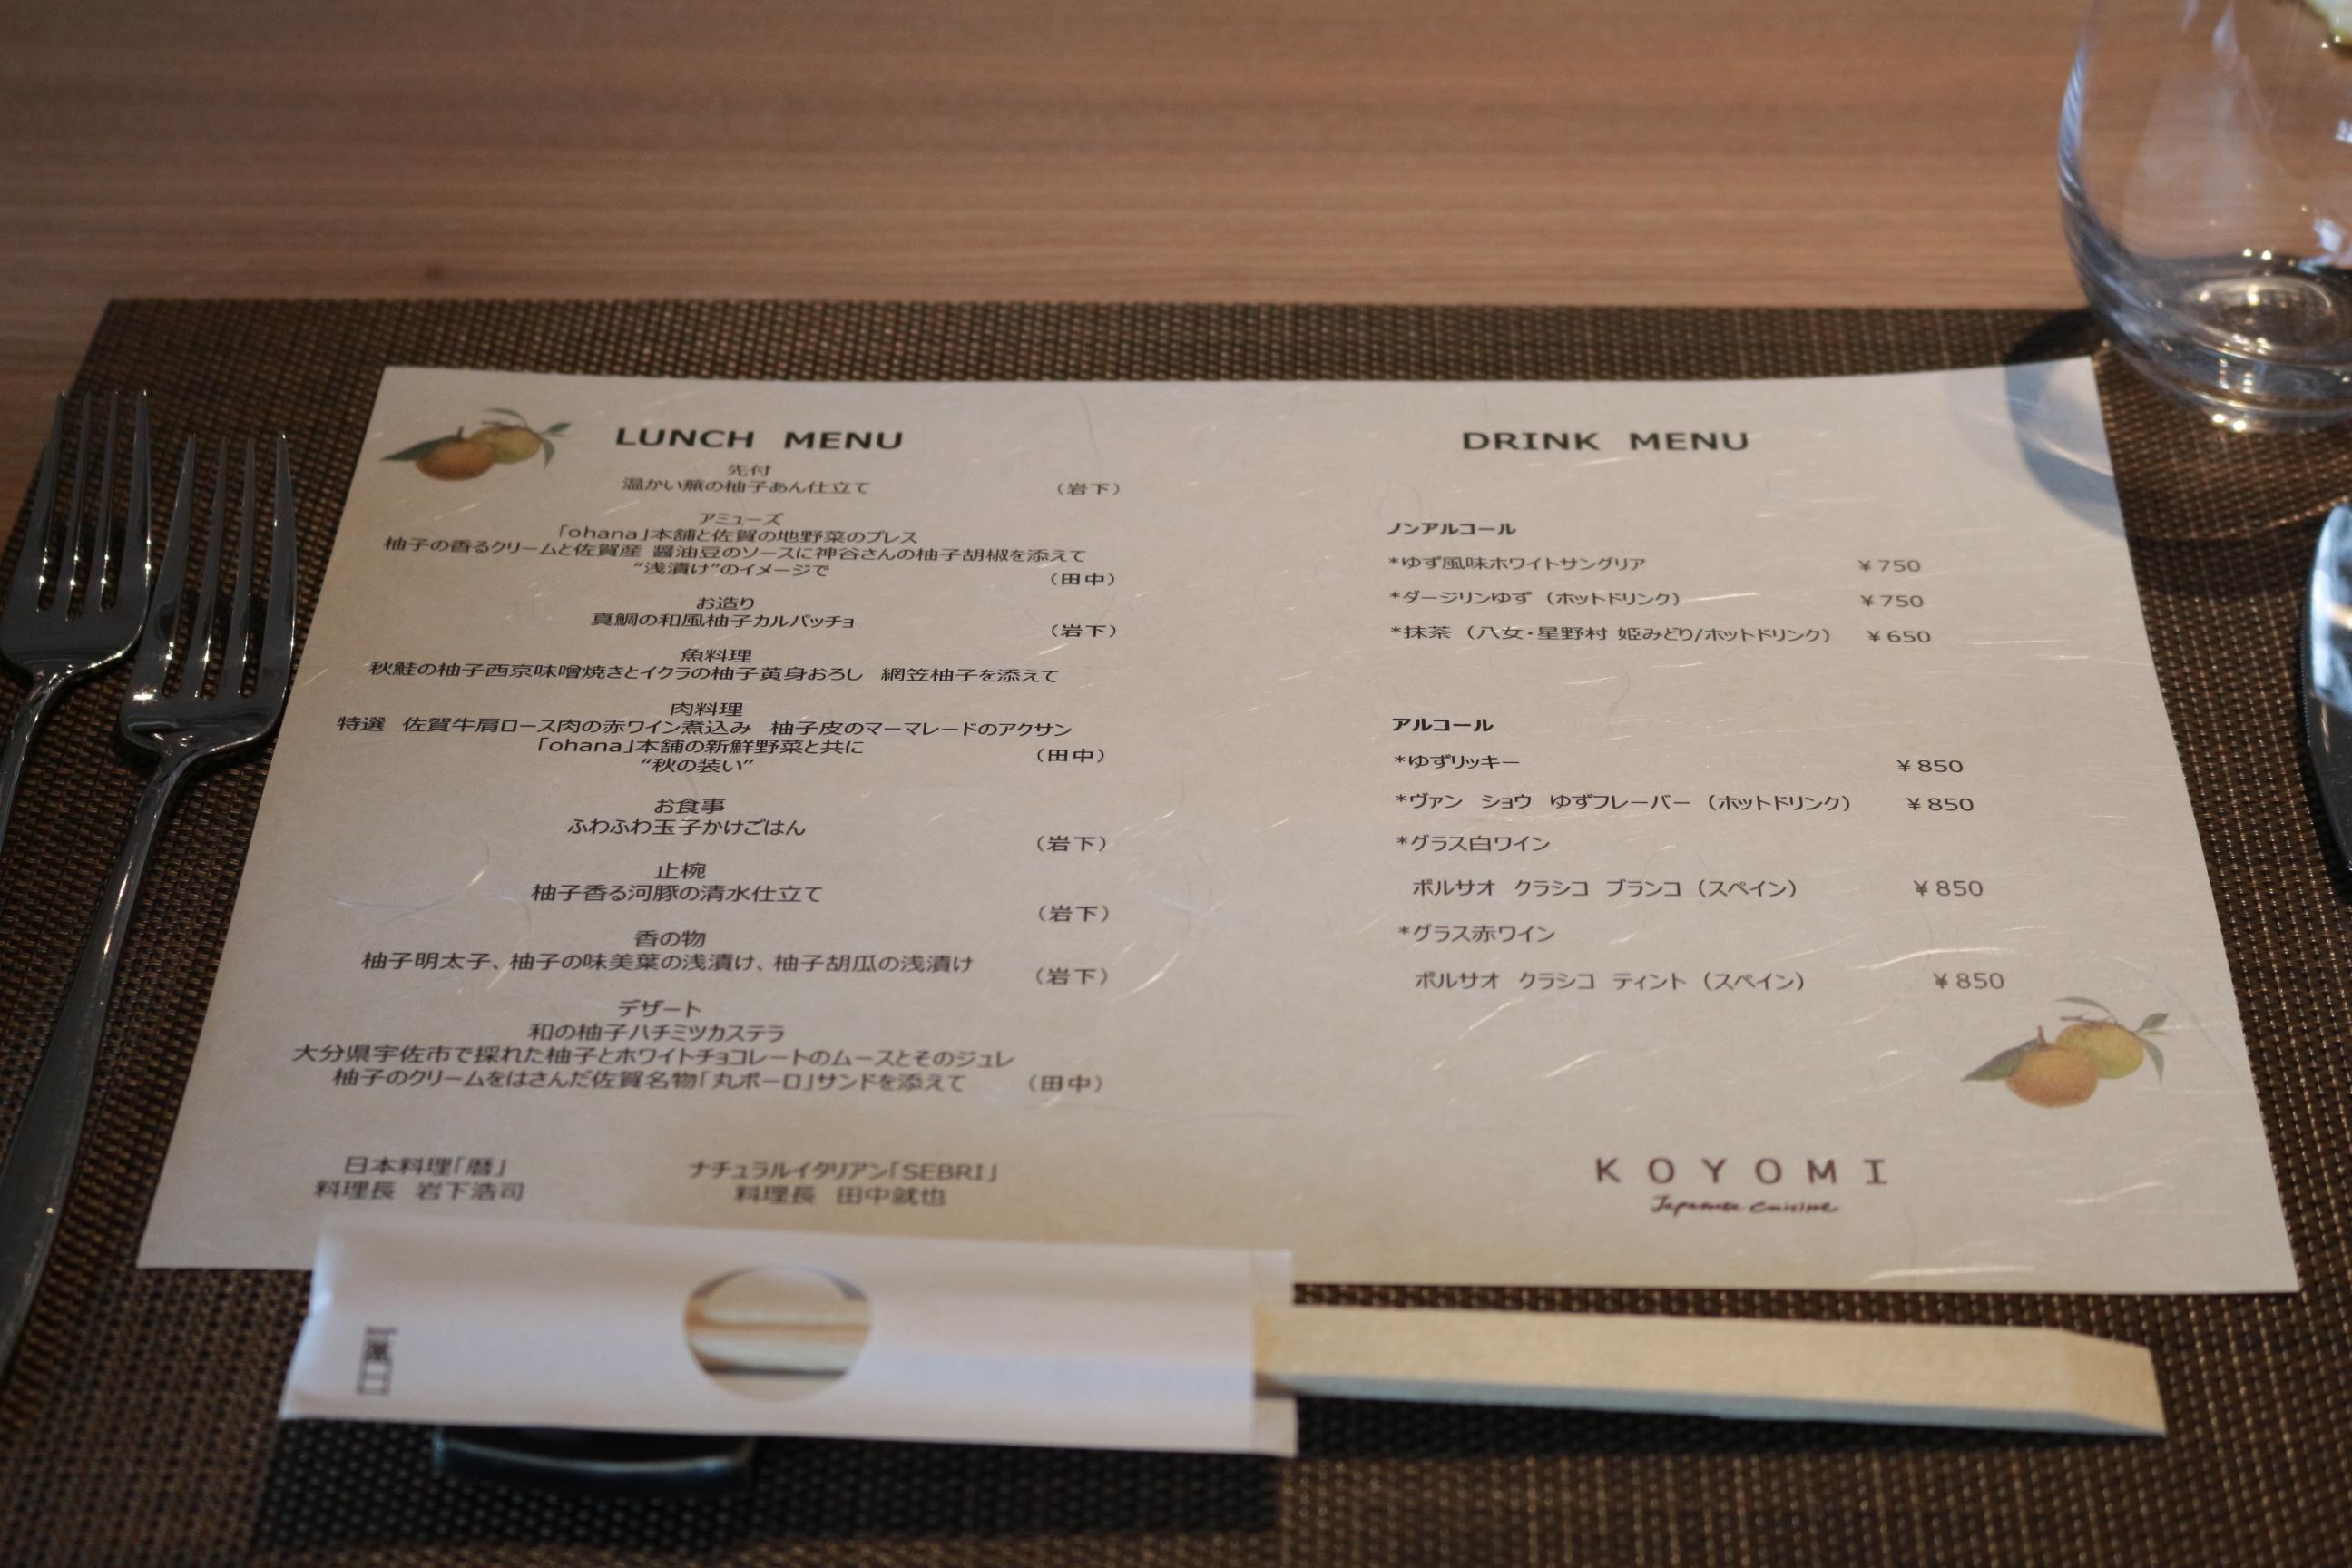 【神谷禎恵活動レポート】TALK&LUNCH「マダムゆずと楽しむ、日本の食文化と『ゆず』の魅力 2014/11/17②